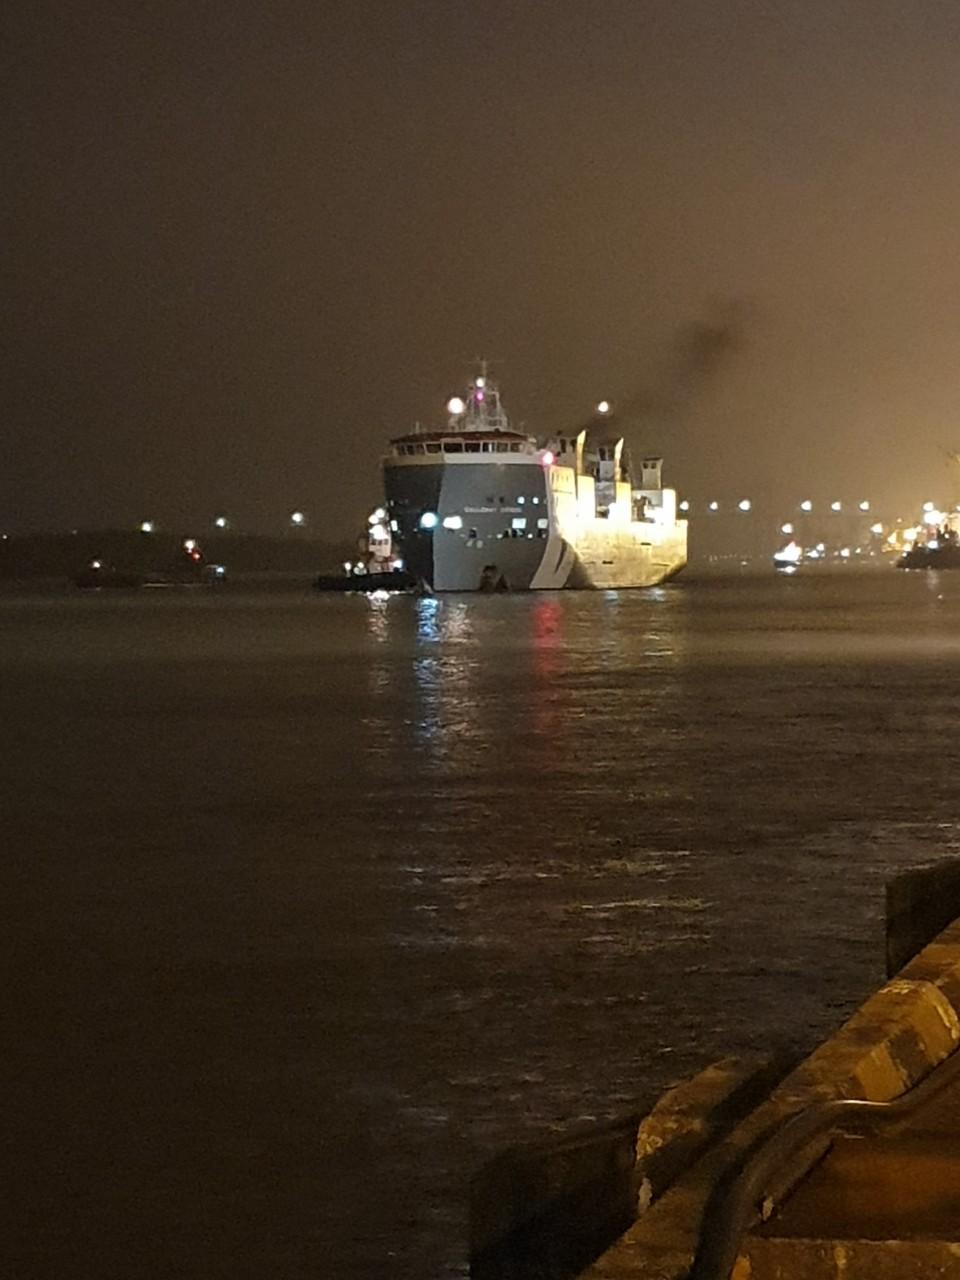 Tầu Bò Úc GALLOWAY EXPRESS cảng Chùa Vẽ HP